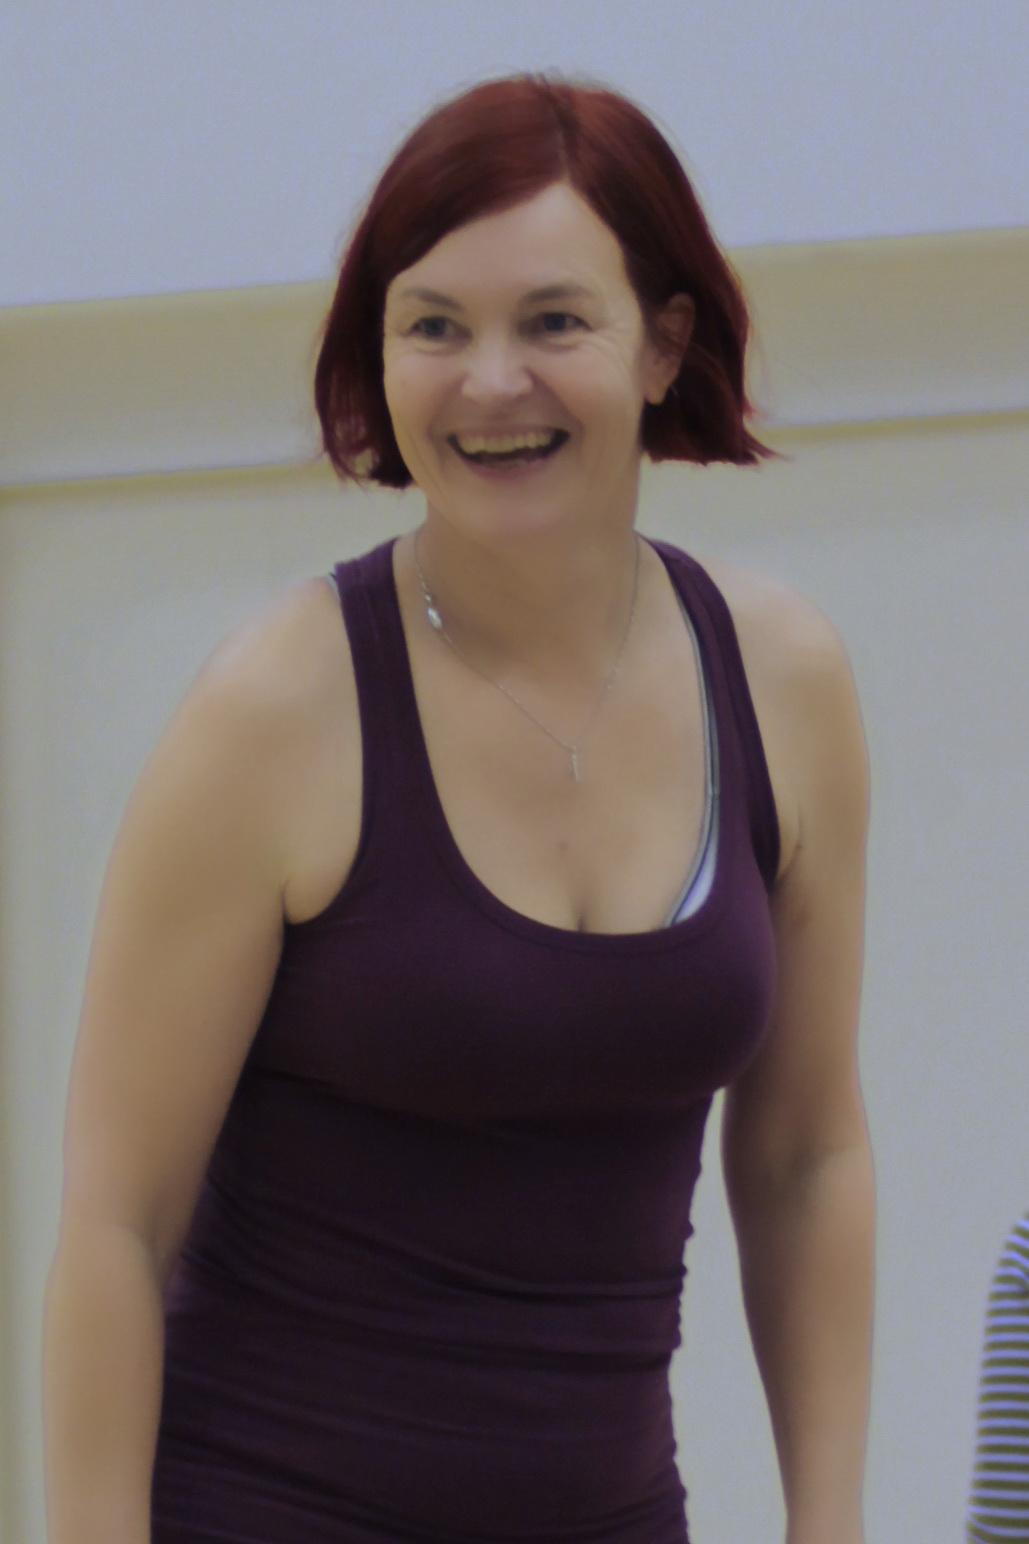 Leena Österlund